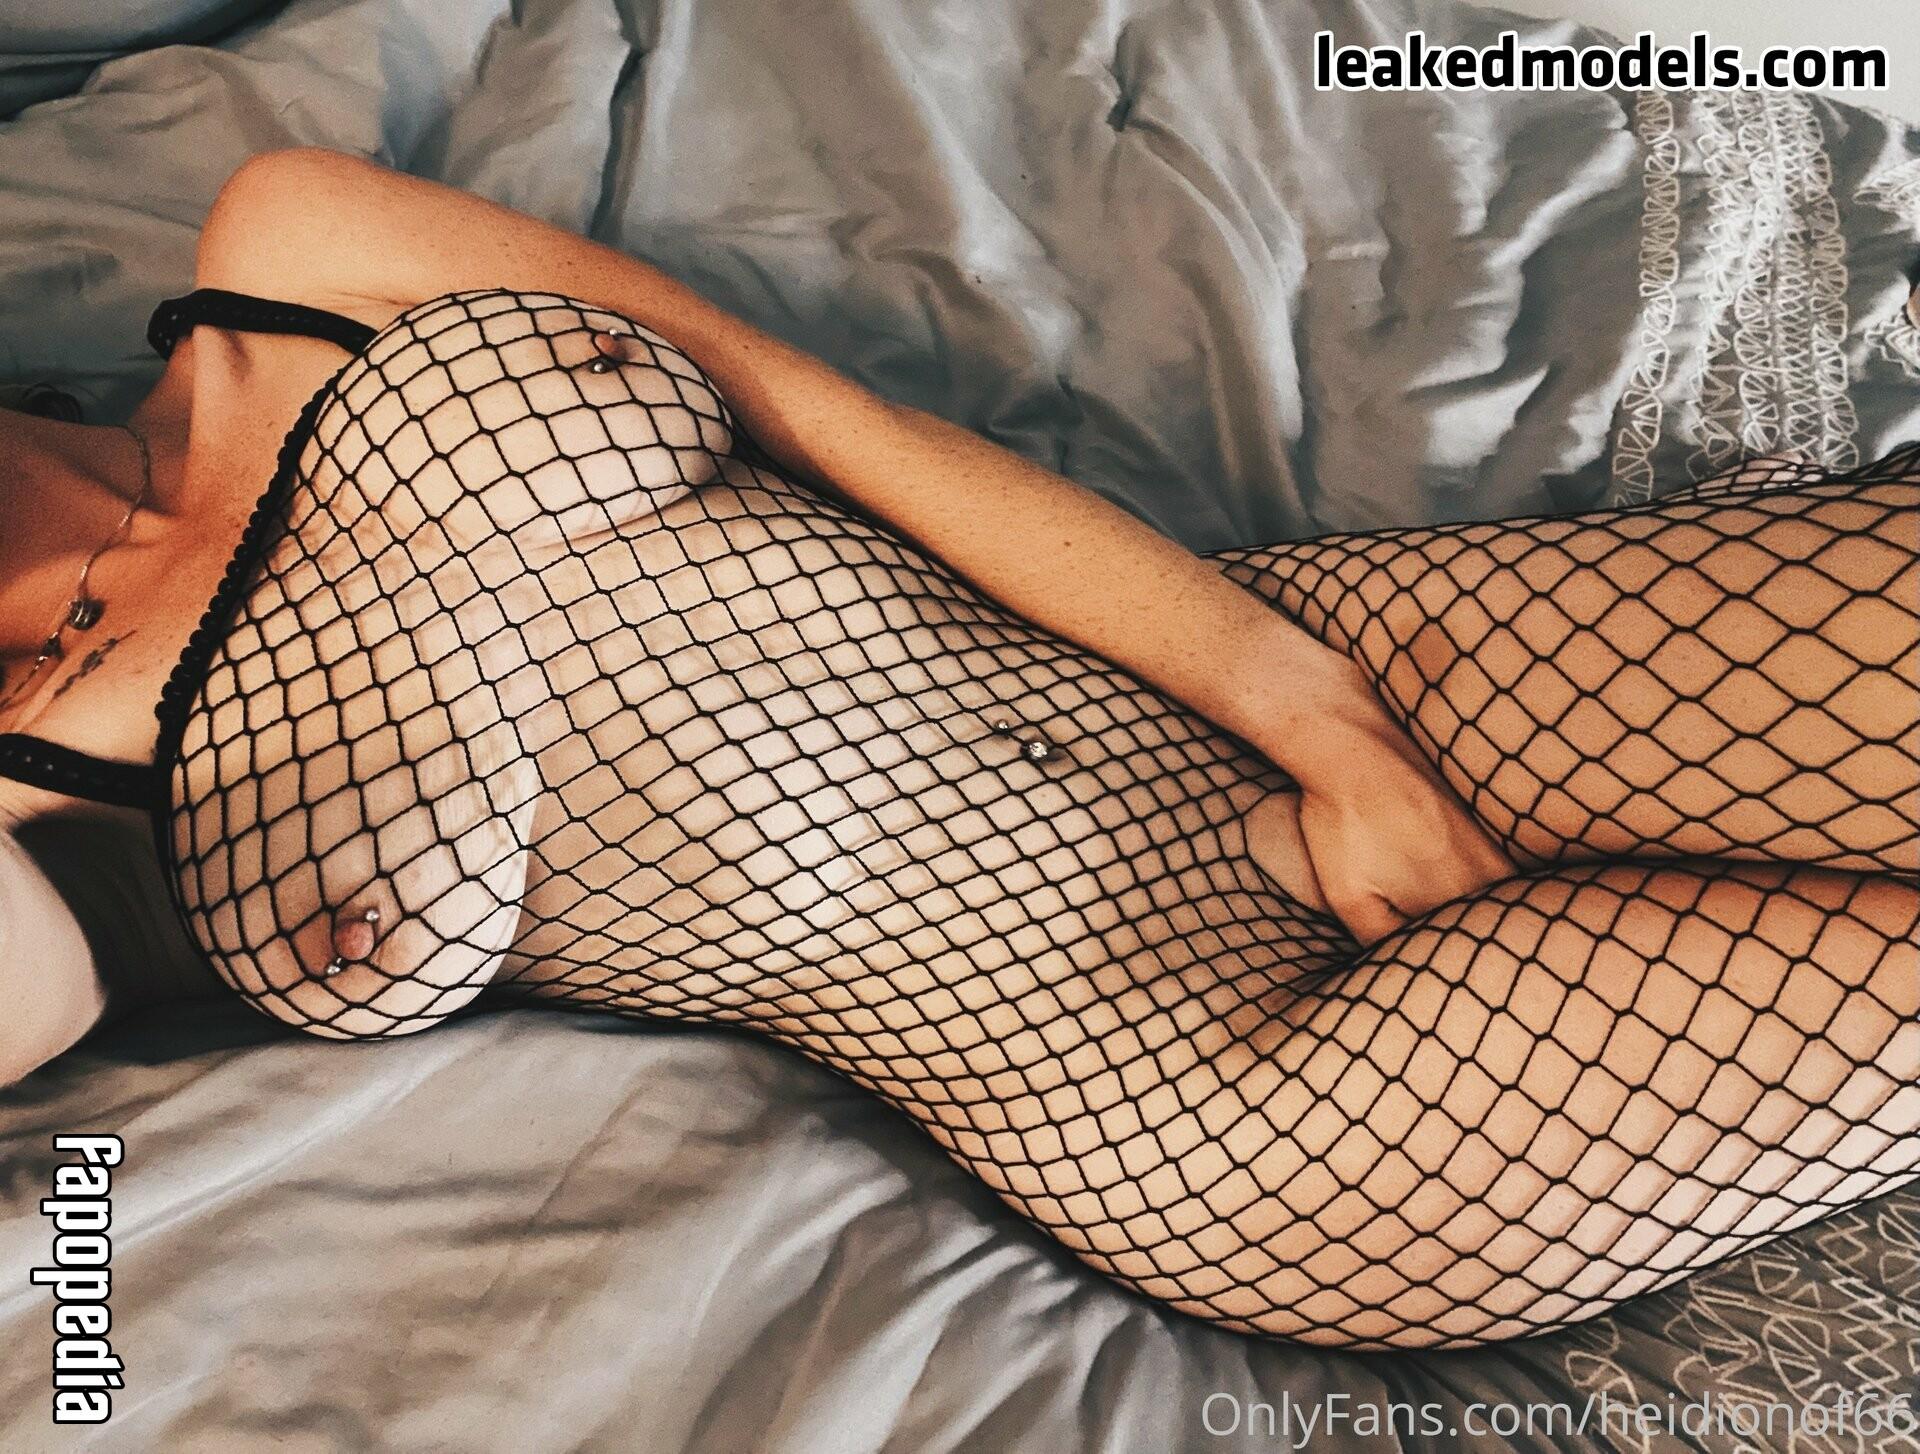 Heidionof66 Nude OnlyFans Leaks